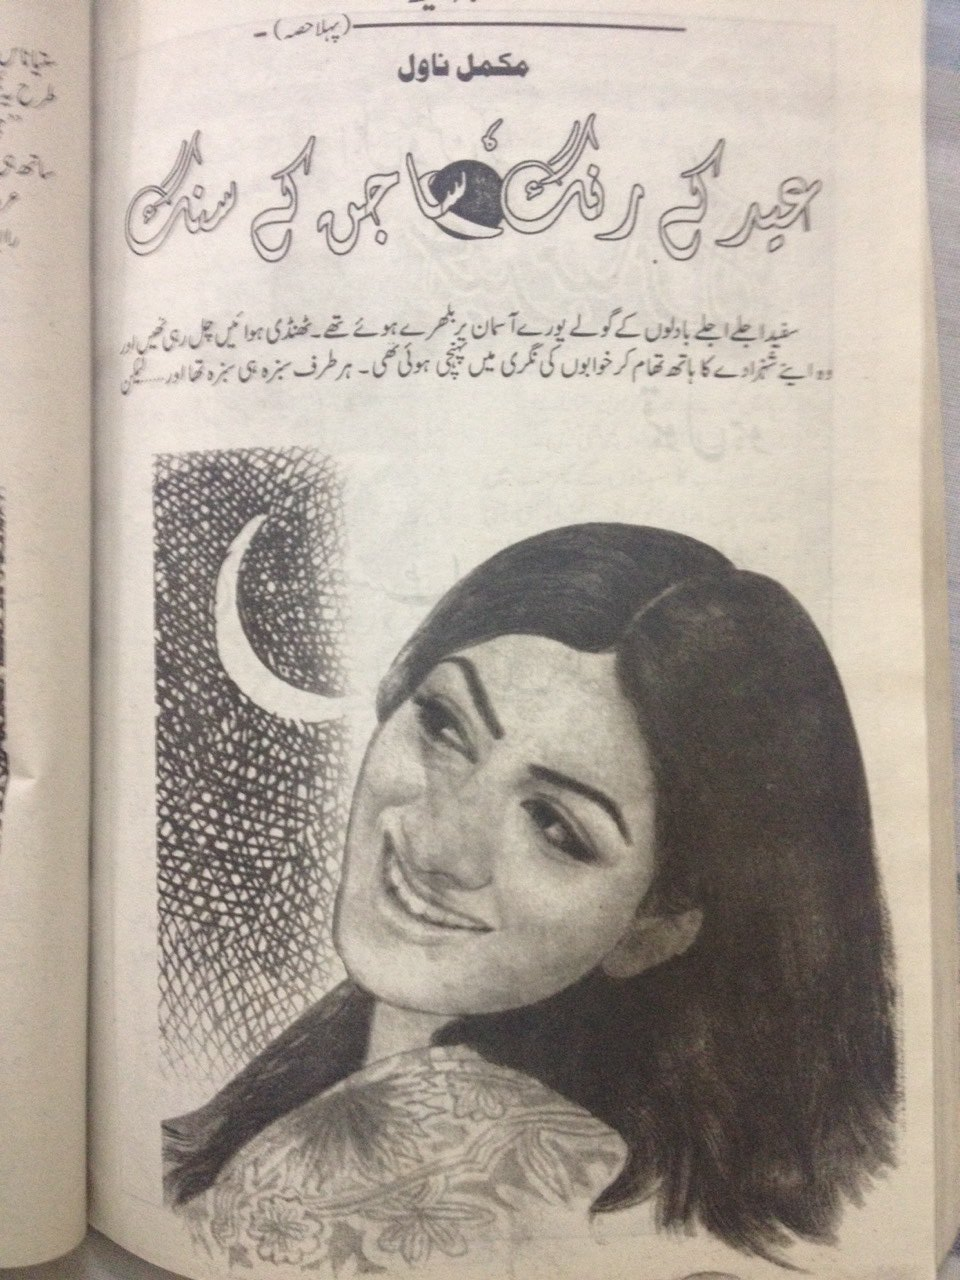 Eid ke rang sajan ke sang novel by Asma Hafeez Online Reading